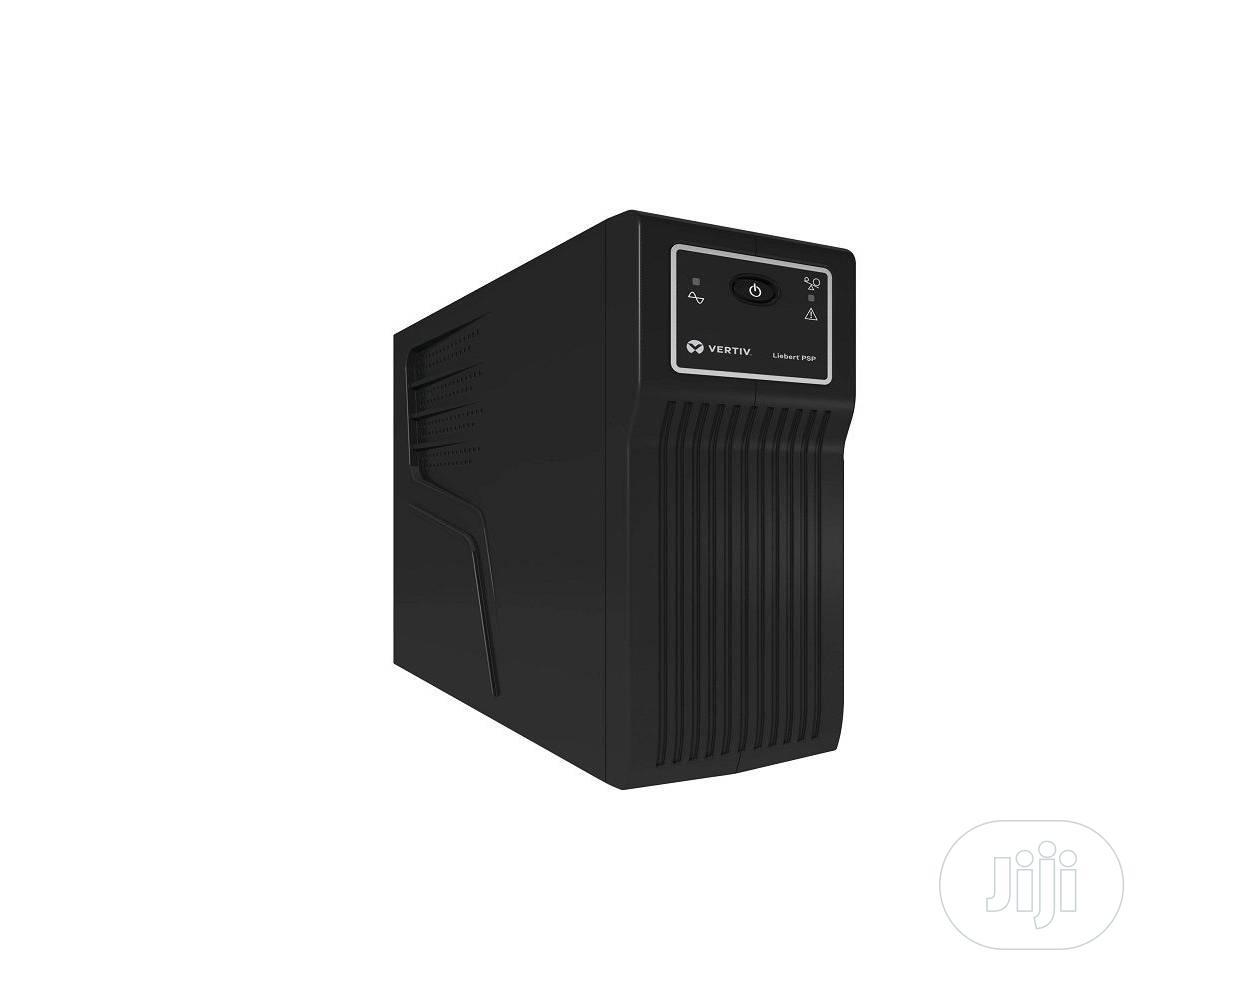 Liebert PSP UPS 650va 230V - Psp650mt3-230u